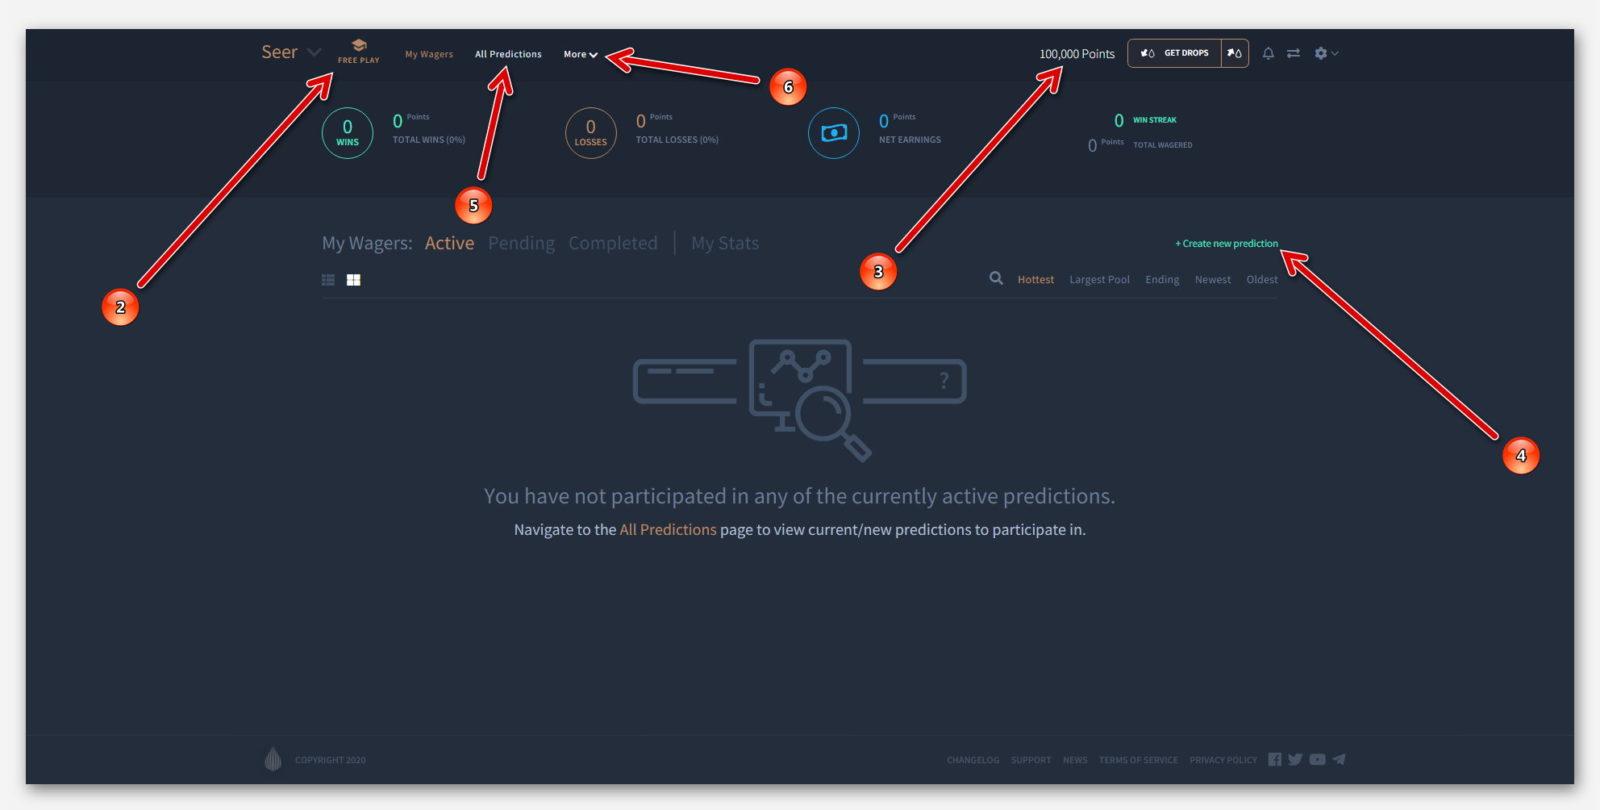 Обзор Free Play, в Роботе Seer, на платформе Dropil